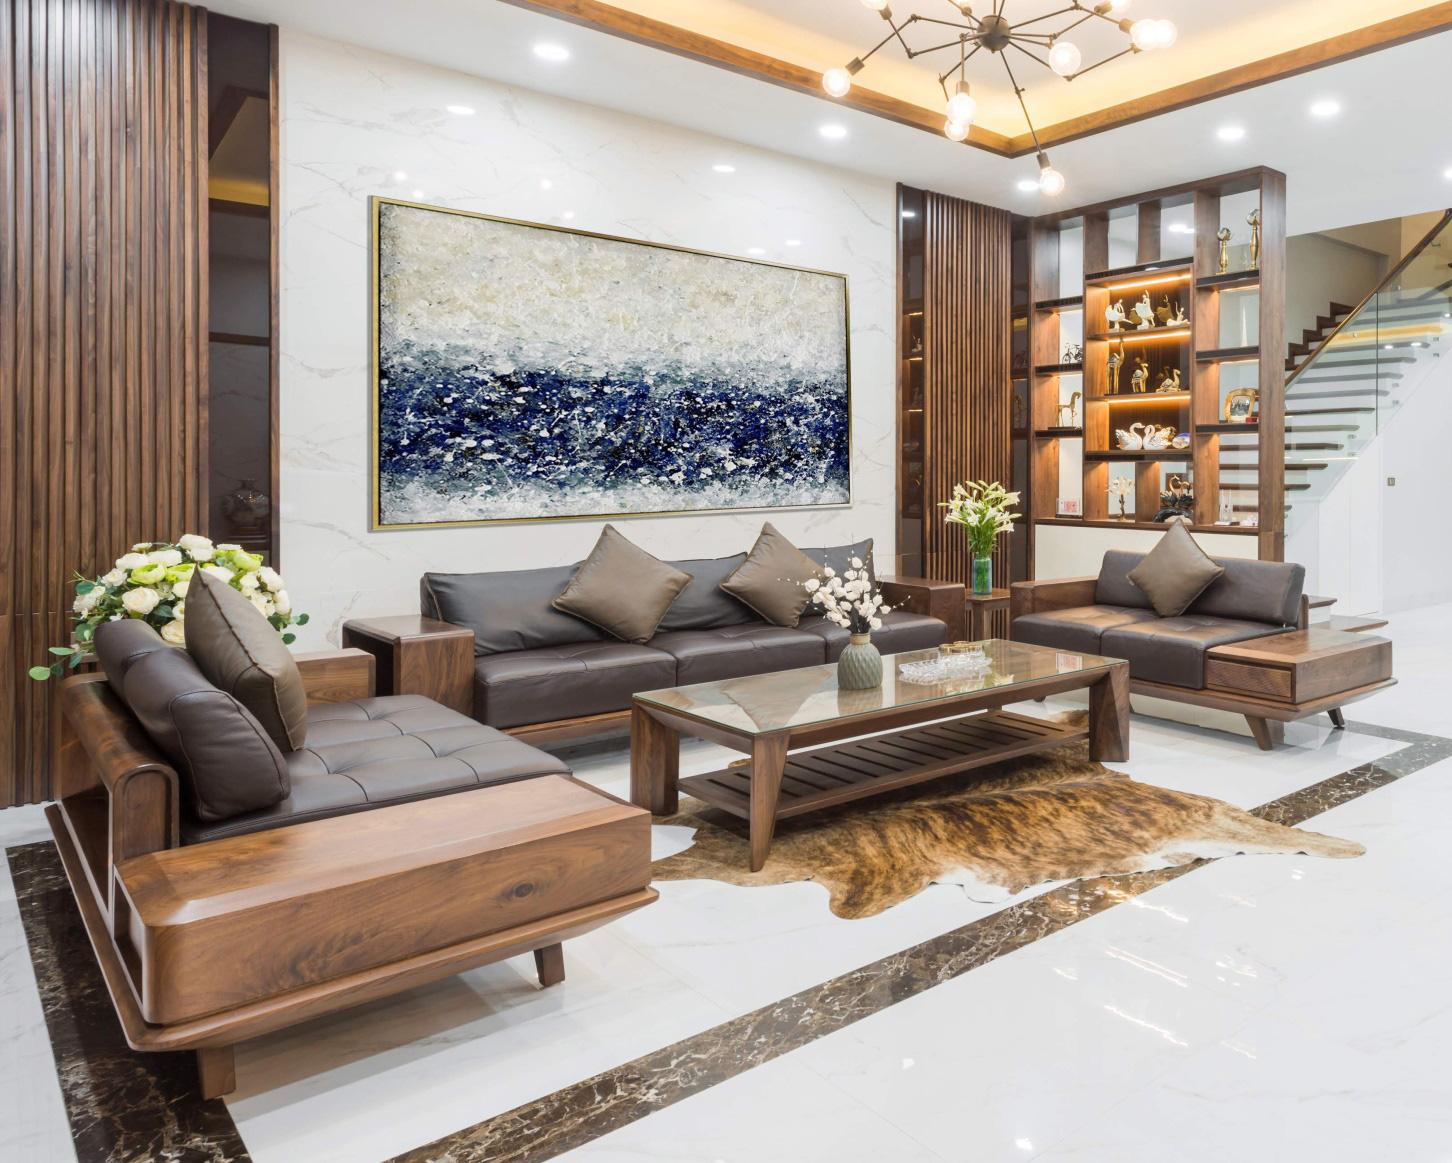 Không gian tiếp khách được bài trí sang trọng, sử dụng nội thất gỗ chủ đạo kết hợp hài hòa với đèn chùm trang trí ấm áp.